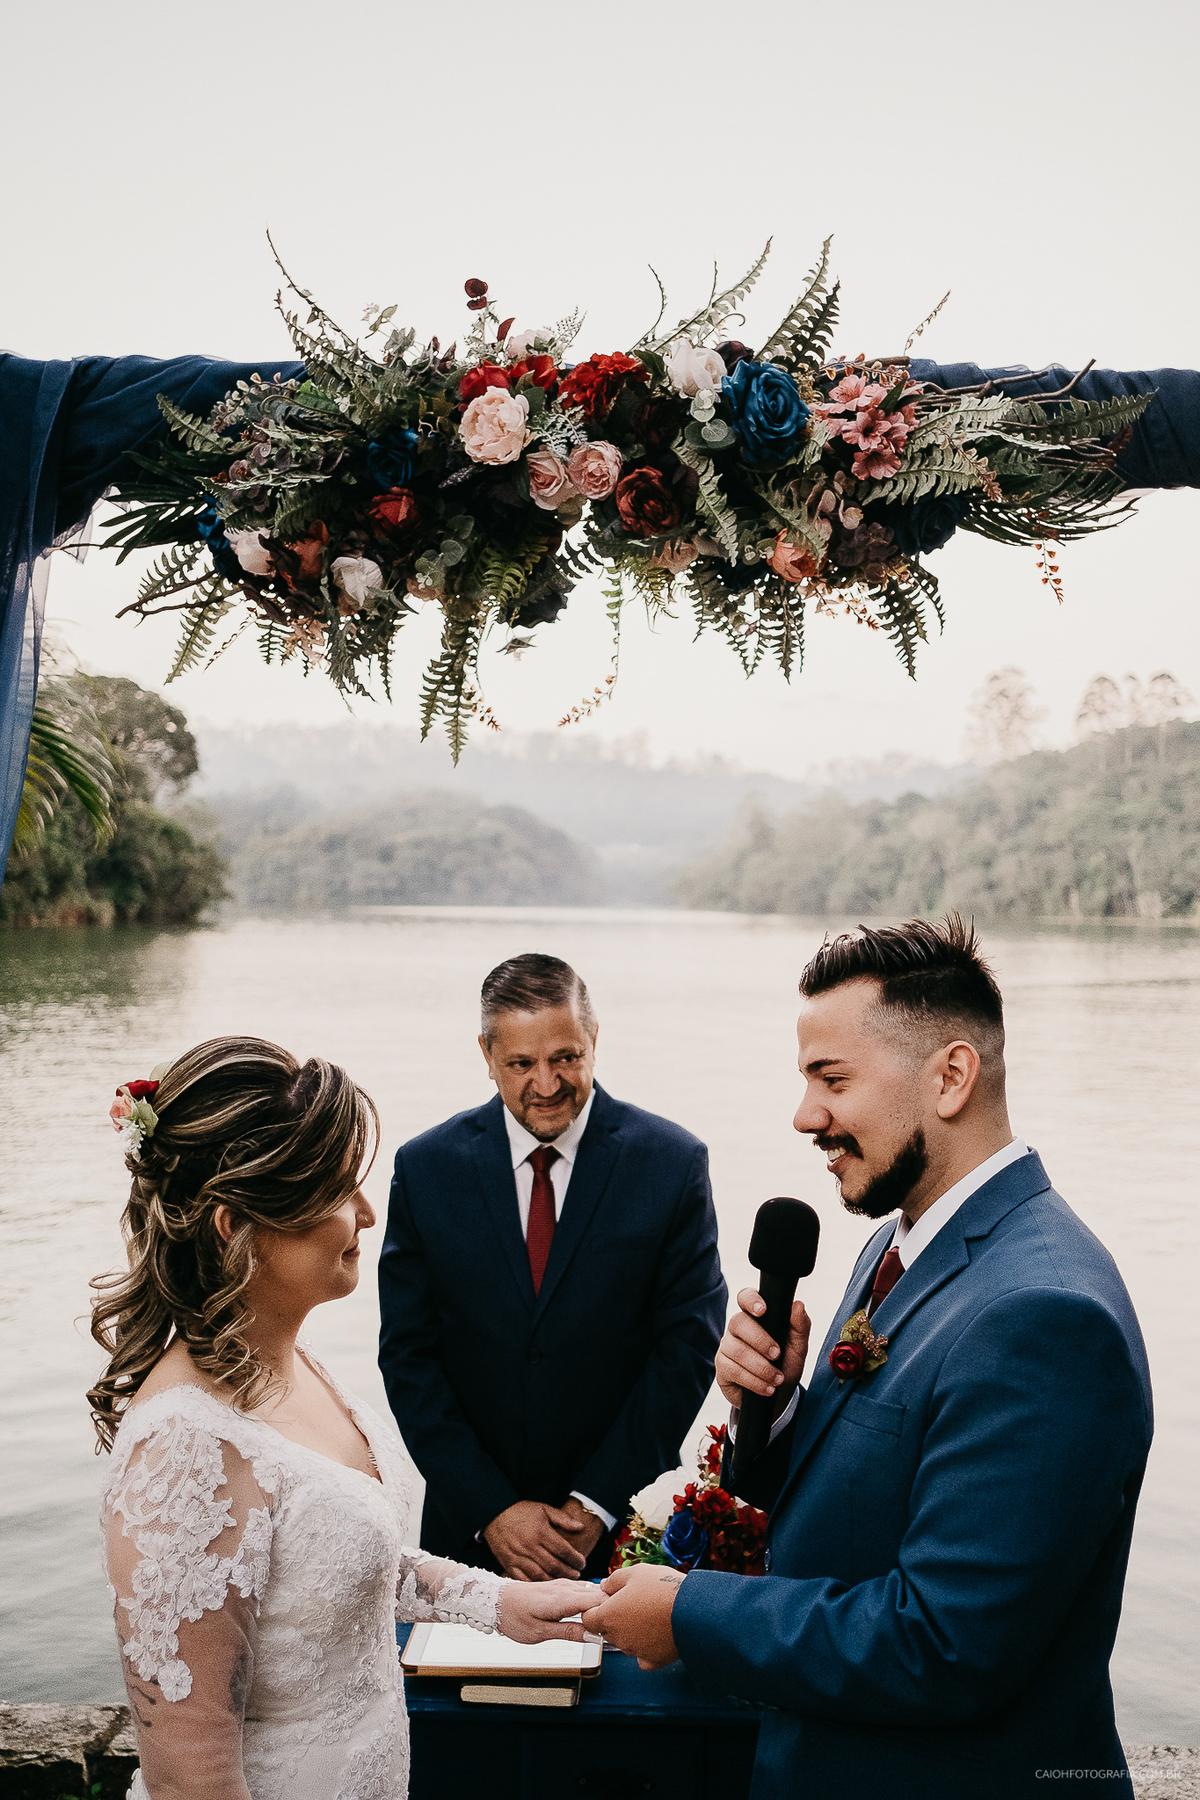 votos do noivo para a noiva na cerimonia ideias de casar casamento no lado casar n montanha fotografia documental